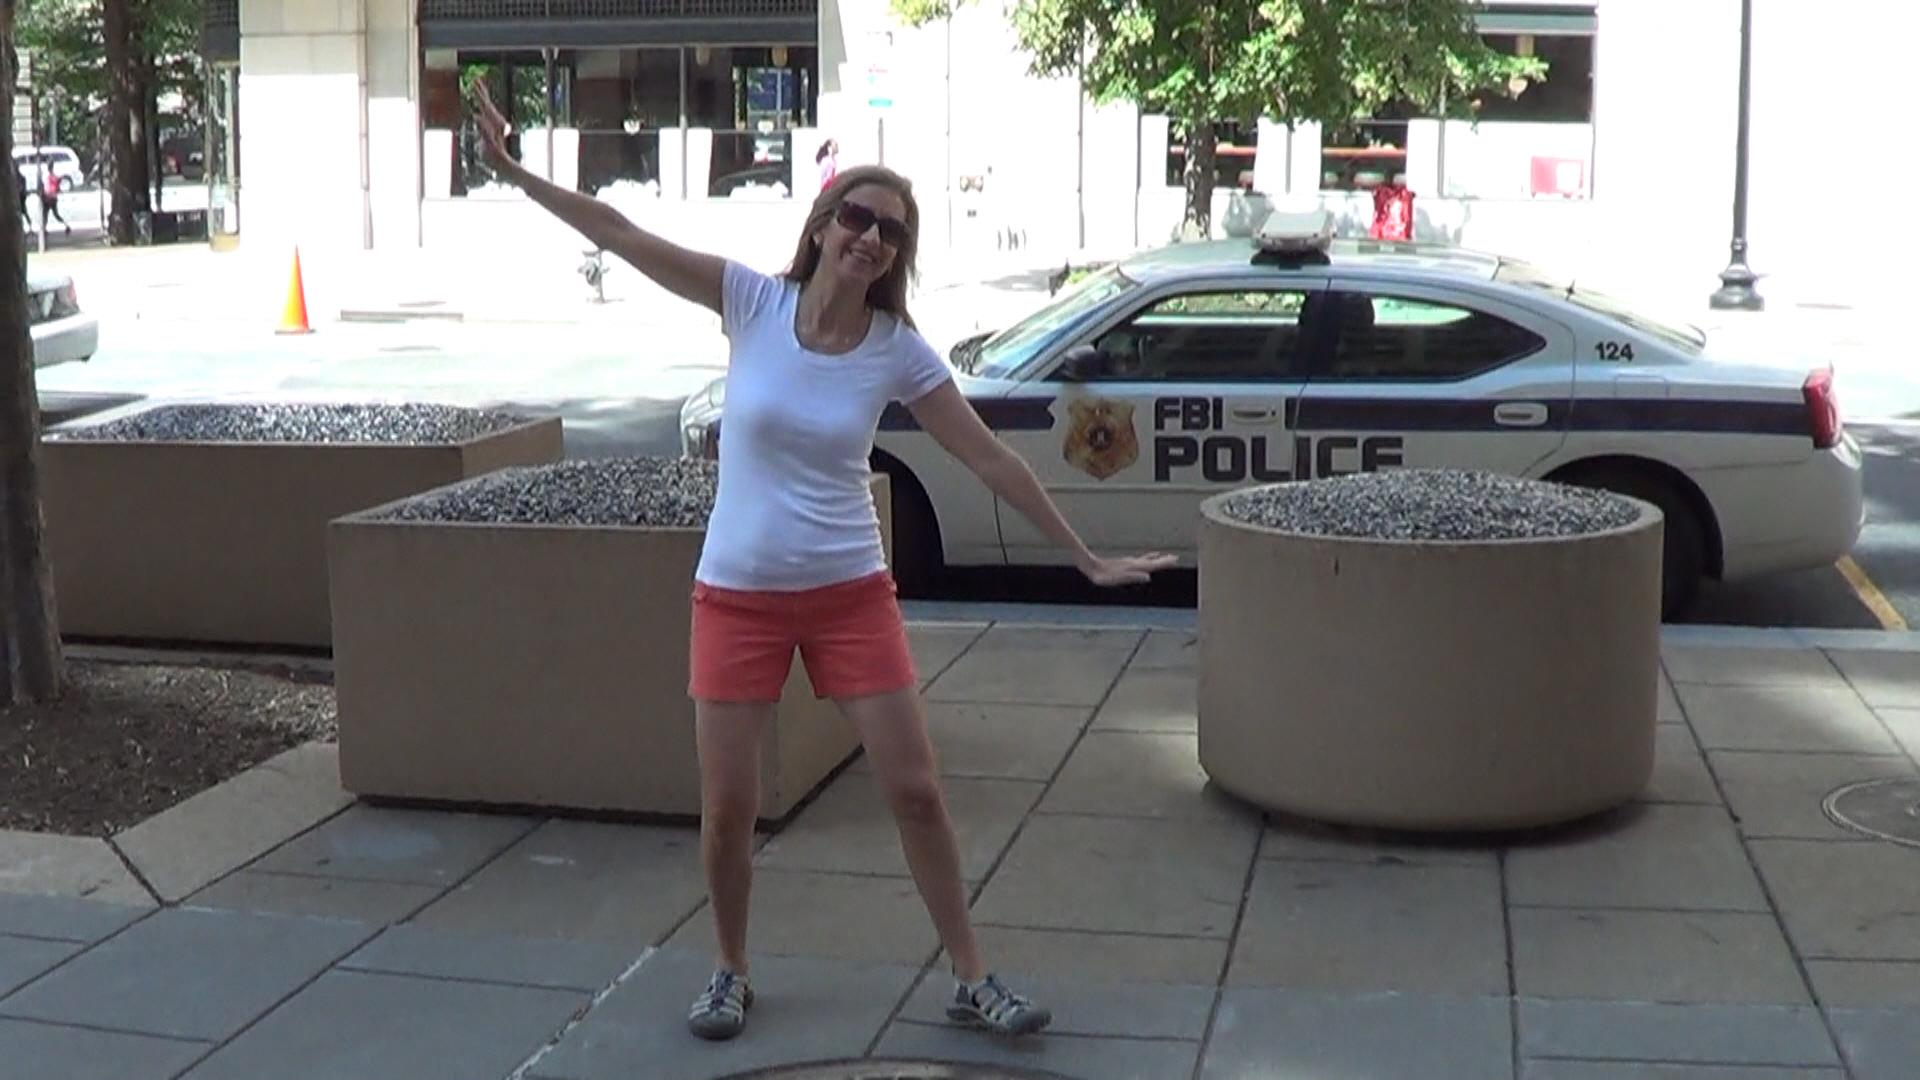 21 - FBI Police Car